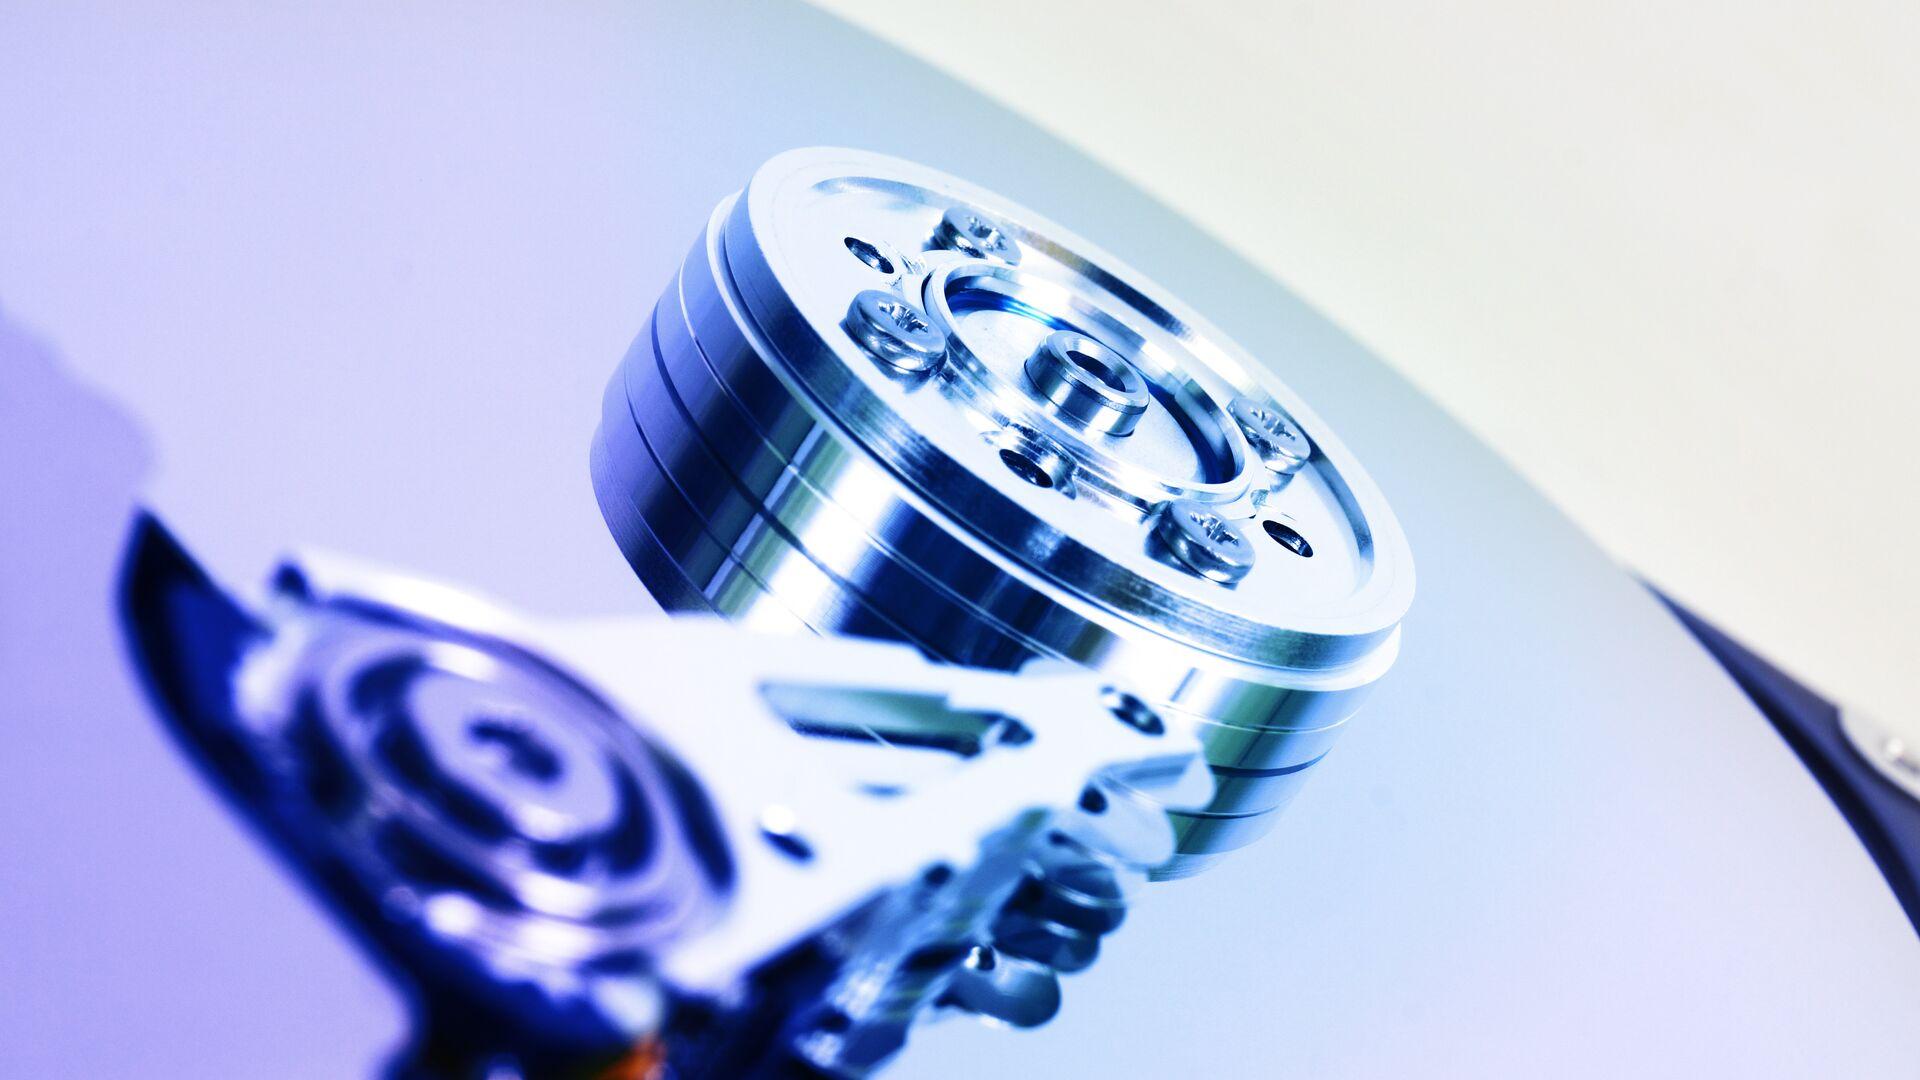 Майнеры распродают жесткие диски из-за краха новой криптовалюты